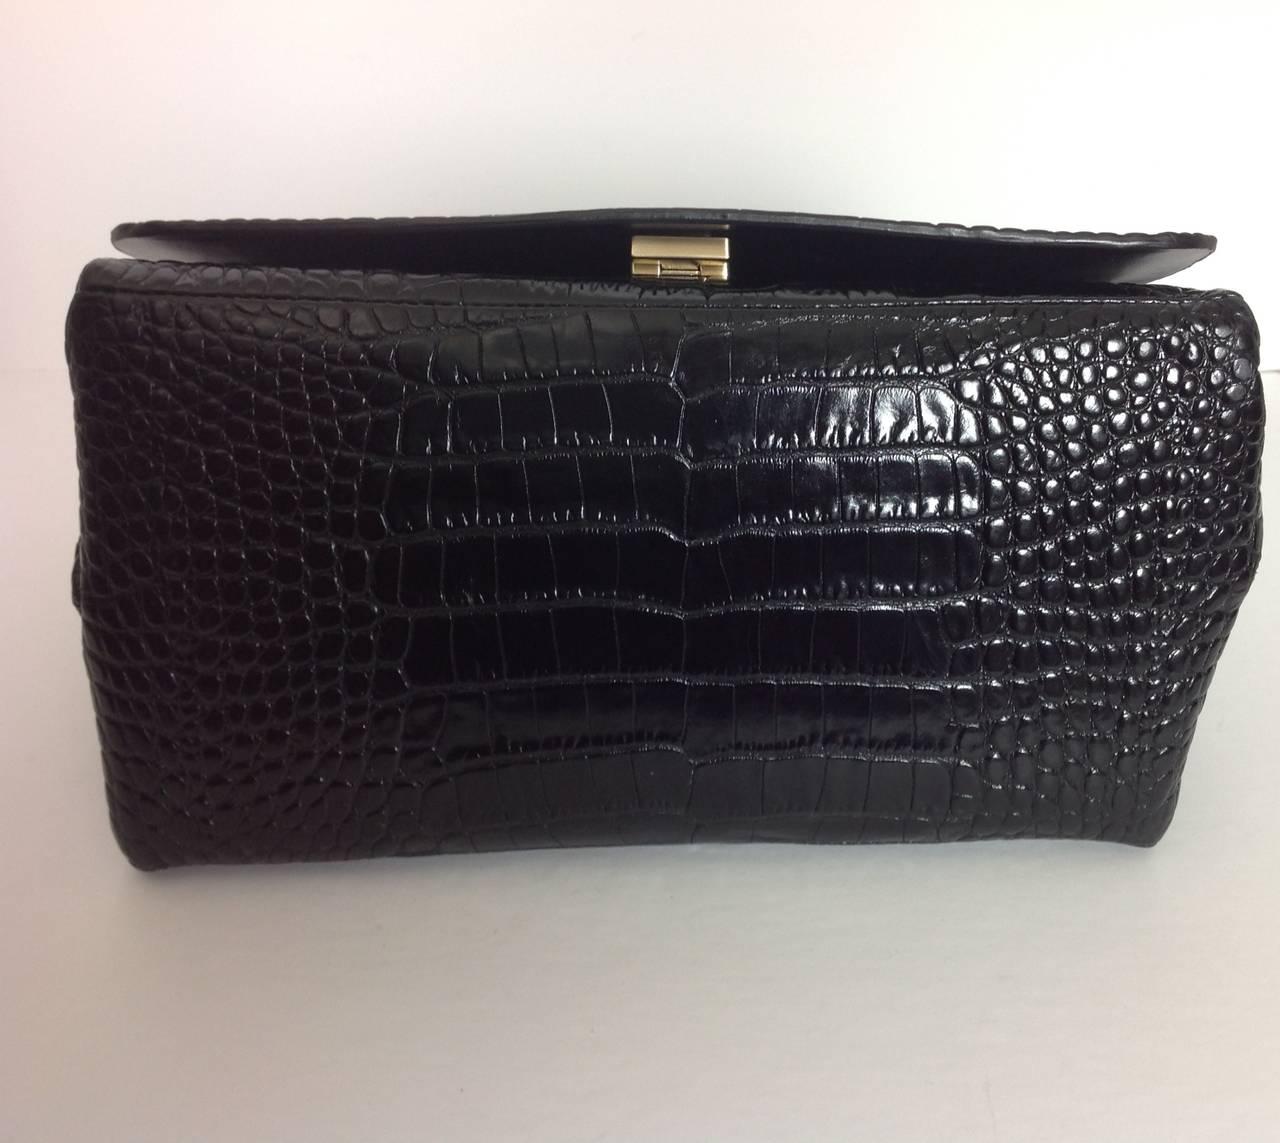 Dries Van Noten bold embossed leather handbag 3